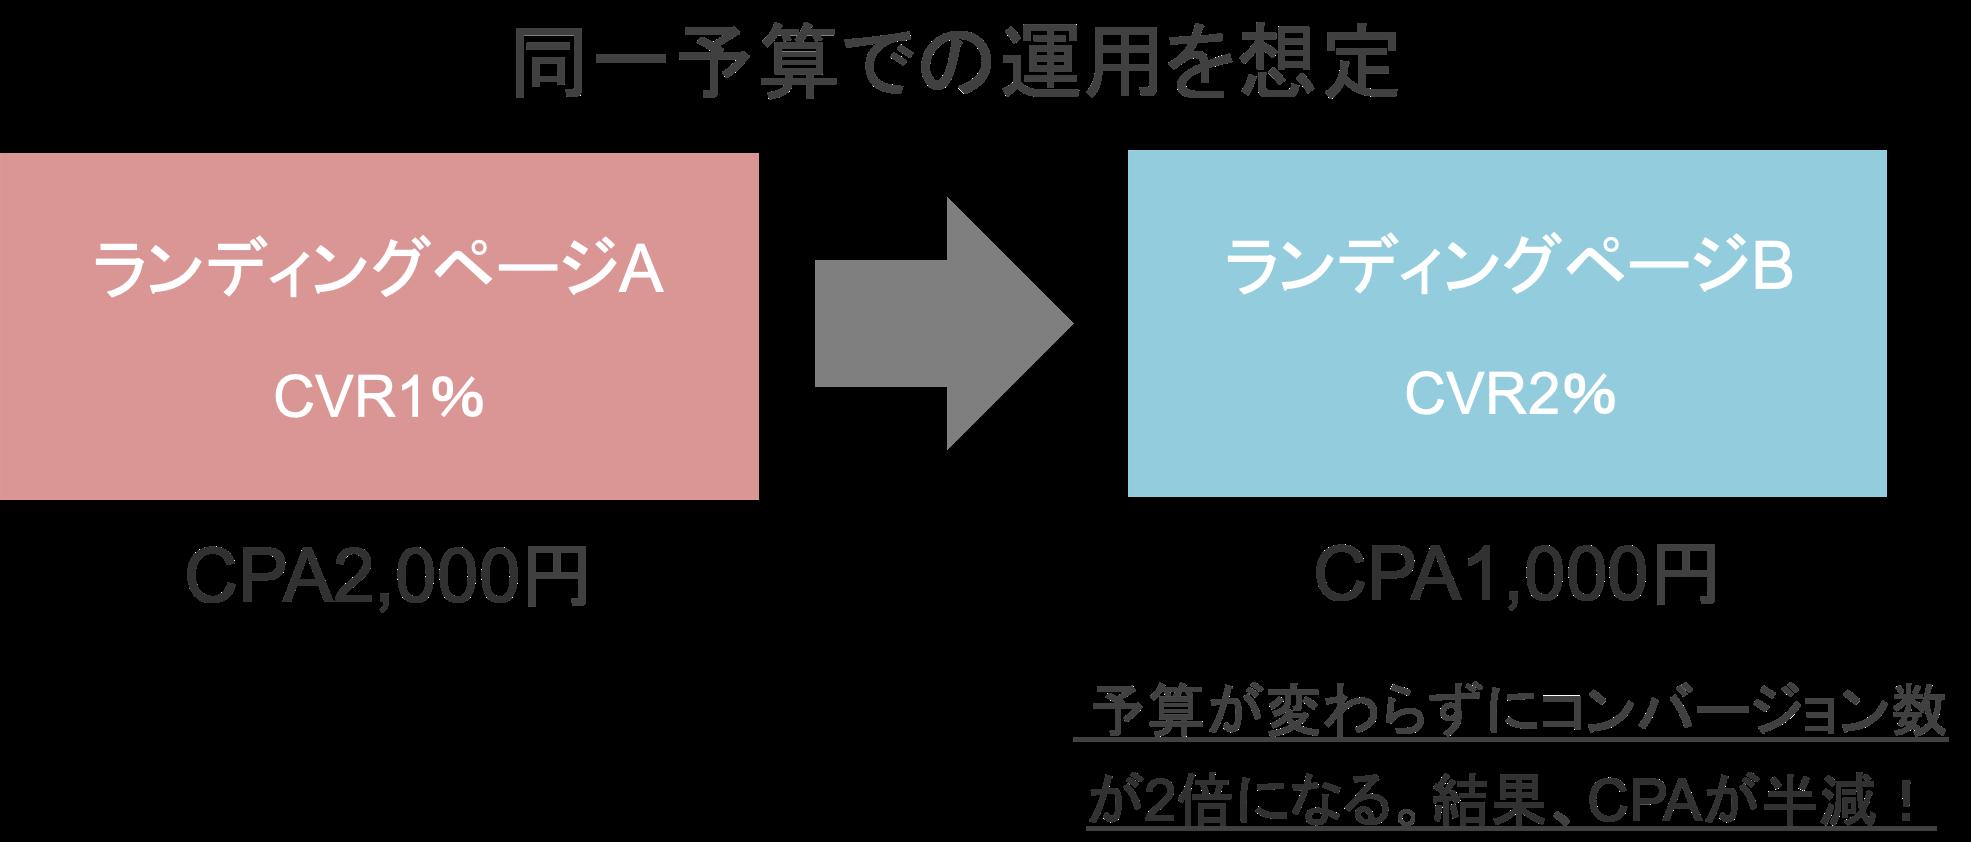 コンバージョン率(CVR)が2倍になるとコンバージョン獲得単価(CPA)が半分になる具体例